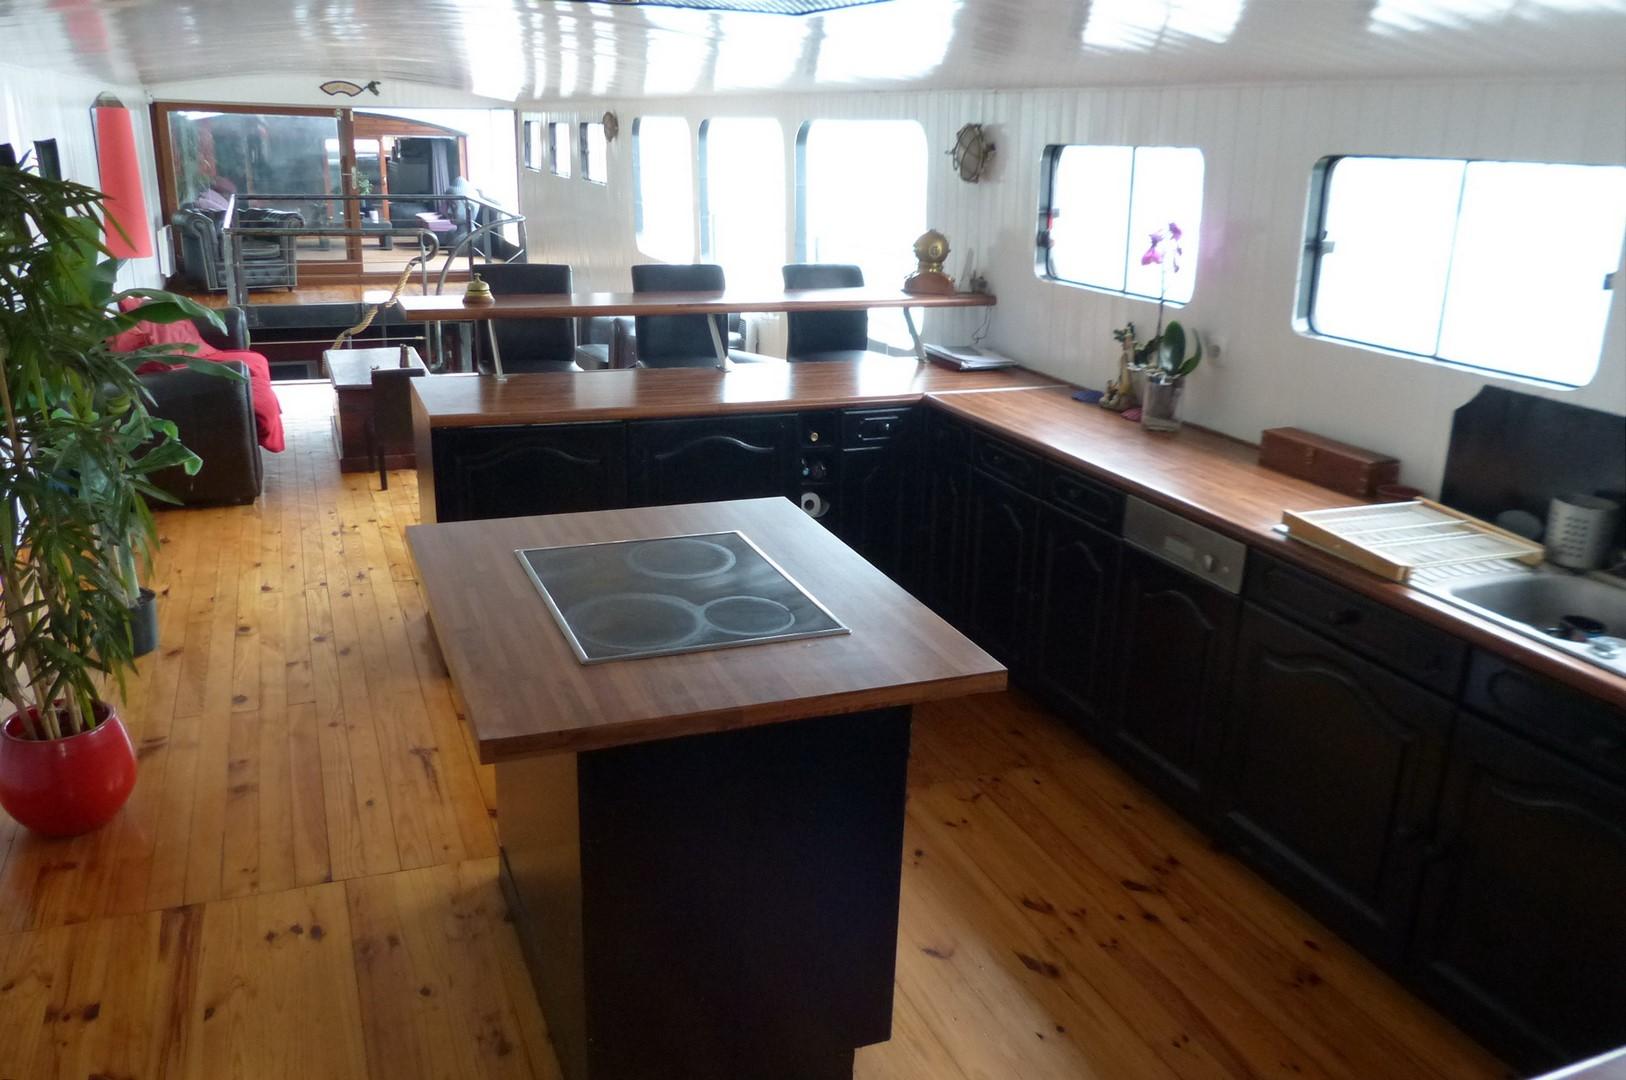 magnifique p niche d 39 habitation sur 2 niveaux seine plus sp cialiste du bateau logement. Black Bedroom Furniture Sets. Home Design Ideas